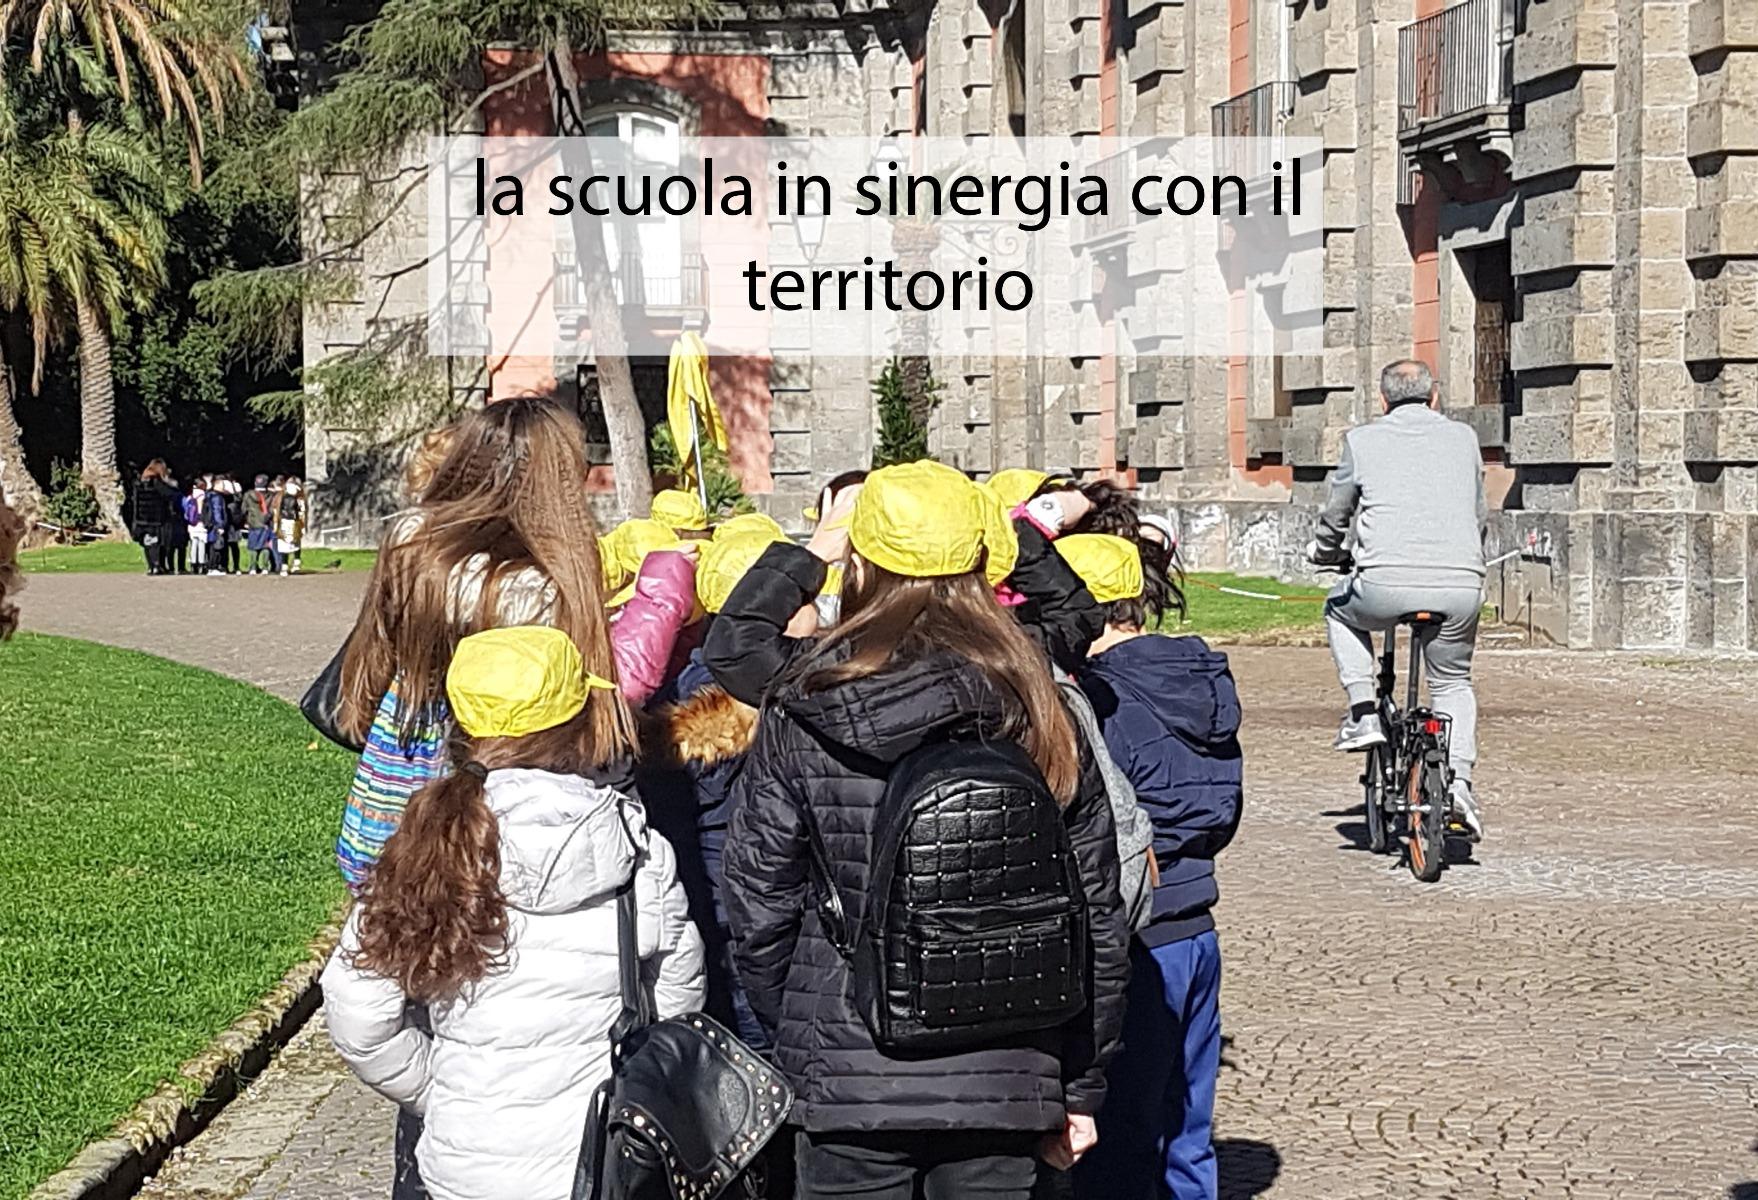 la scuola in sinergia con il territorio